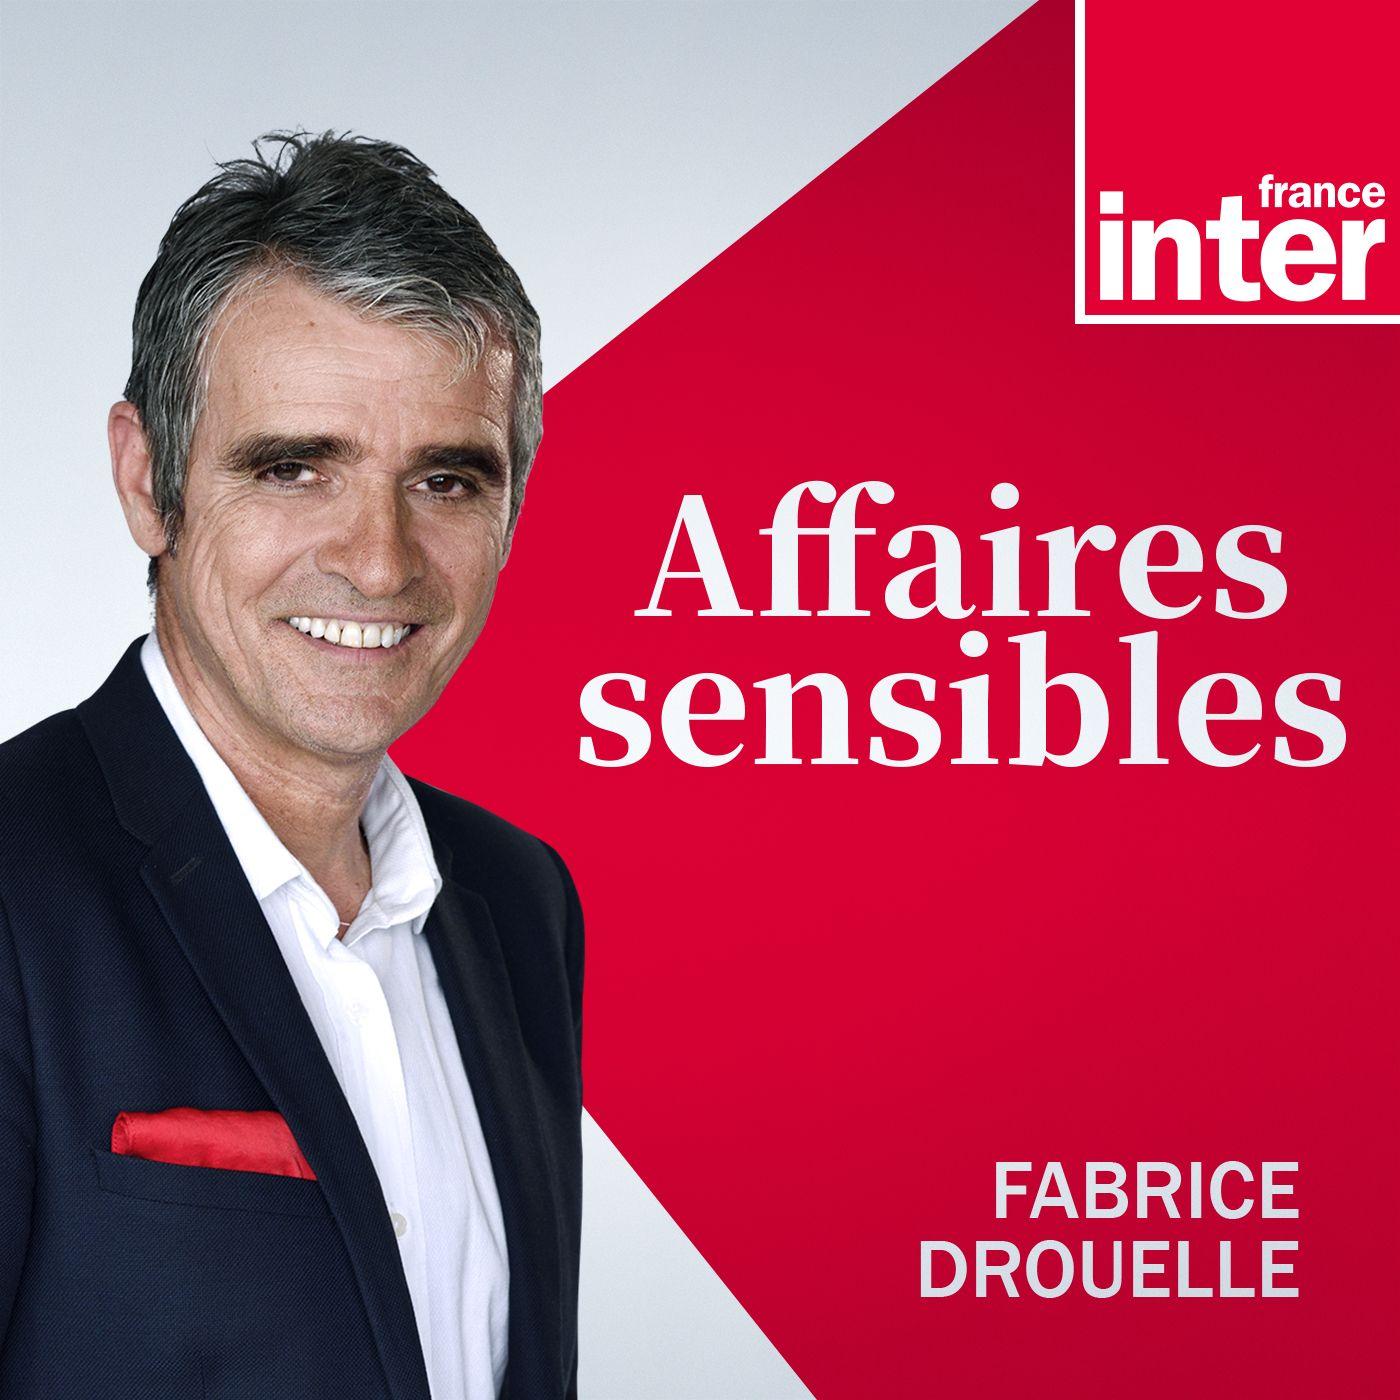 Image 1: Affaires sensibles